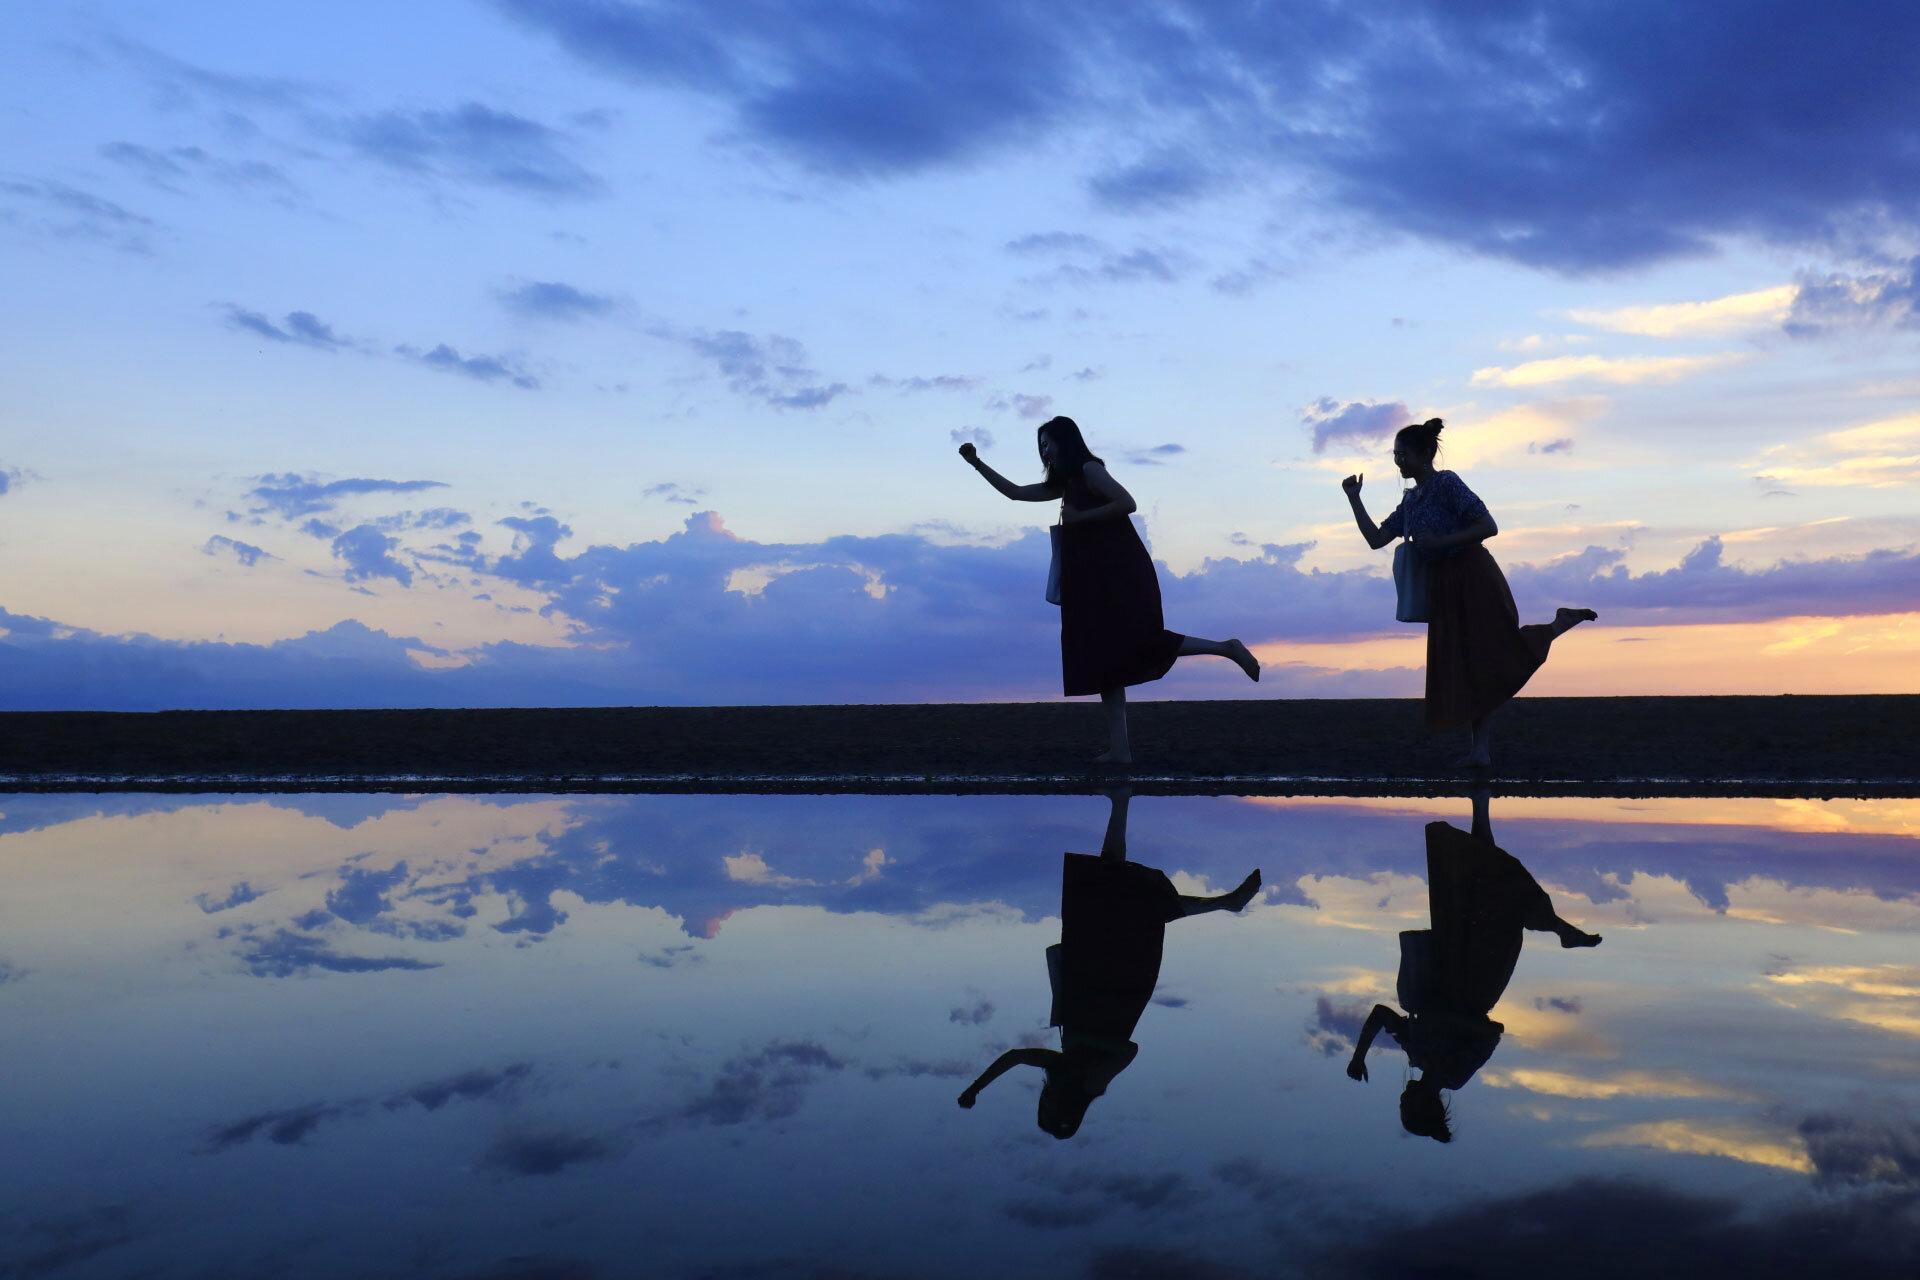 Shikoku Island Grand Adventure